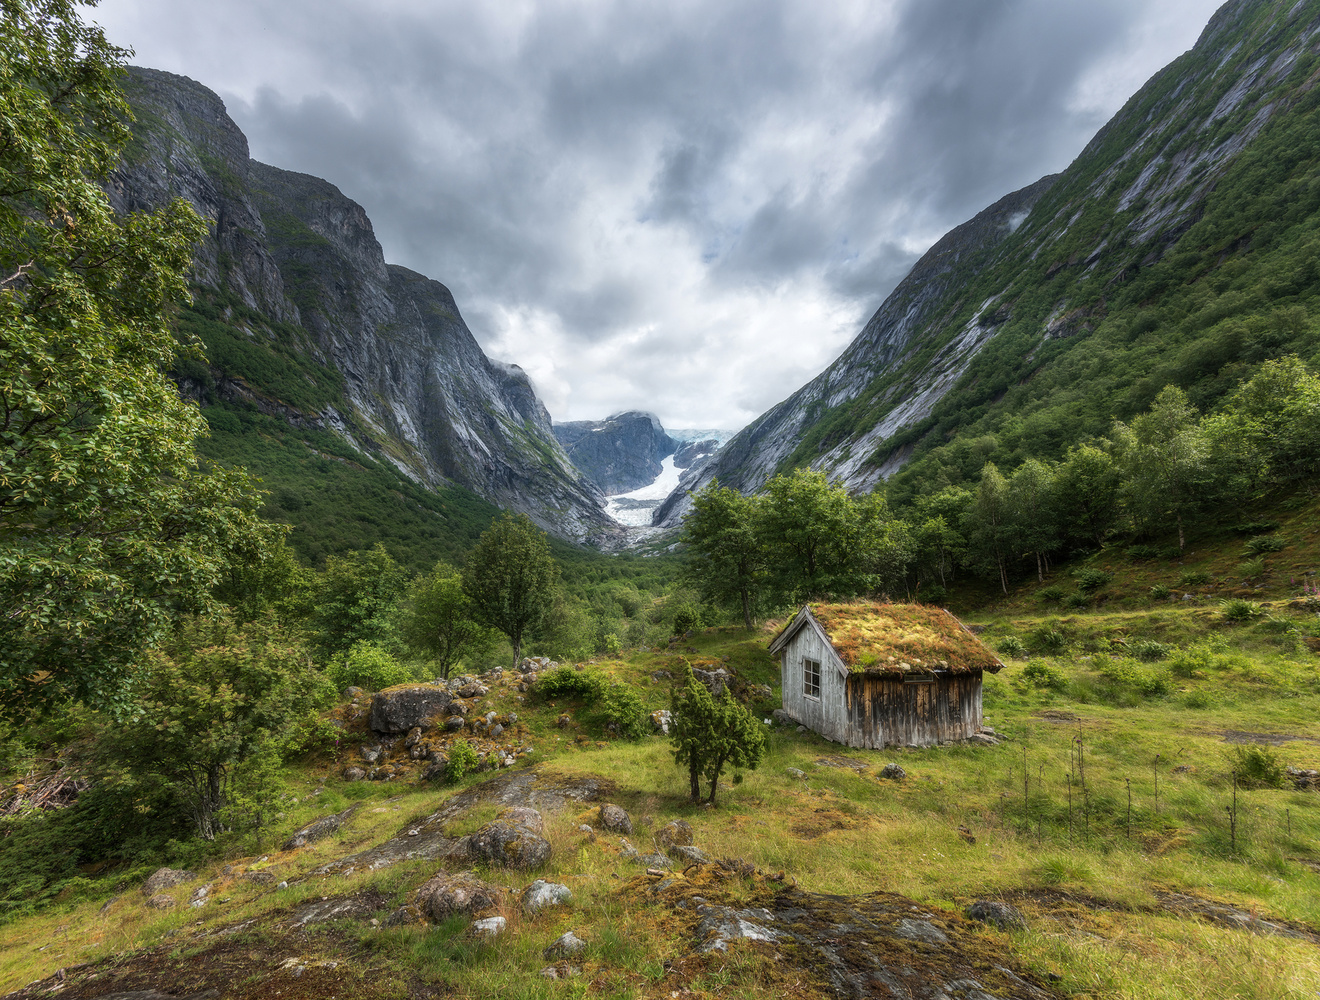 Brenndalsbreen by Philip Slotte